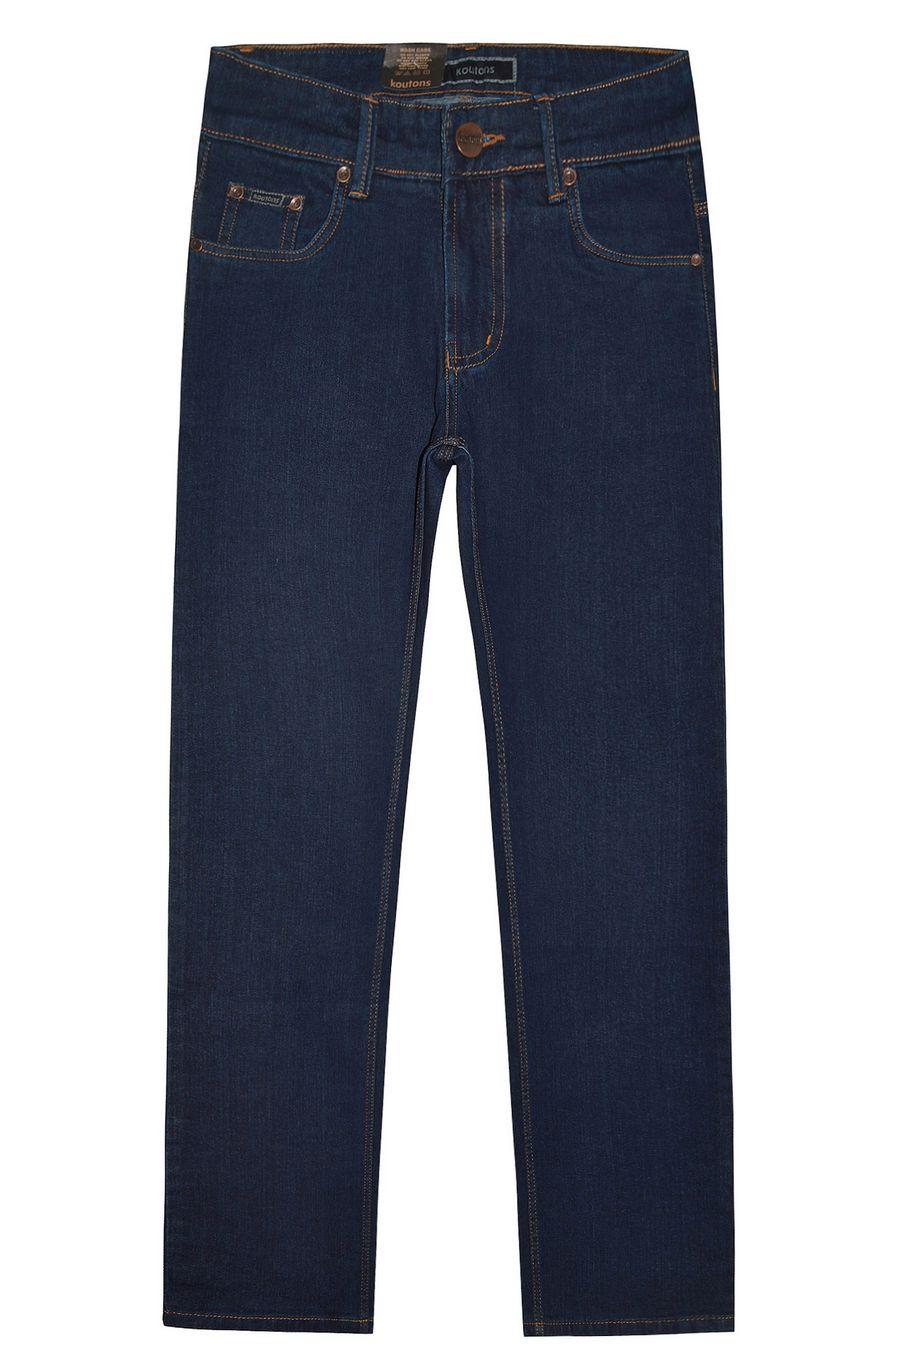 Джинсы мужские Koutons 511-3 Stretch Light Blue (30-34) - фото 1